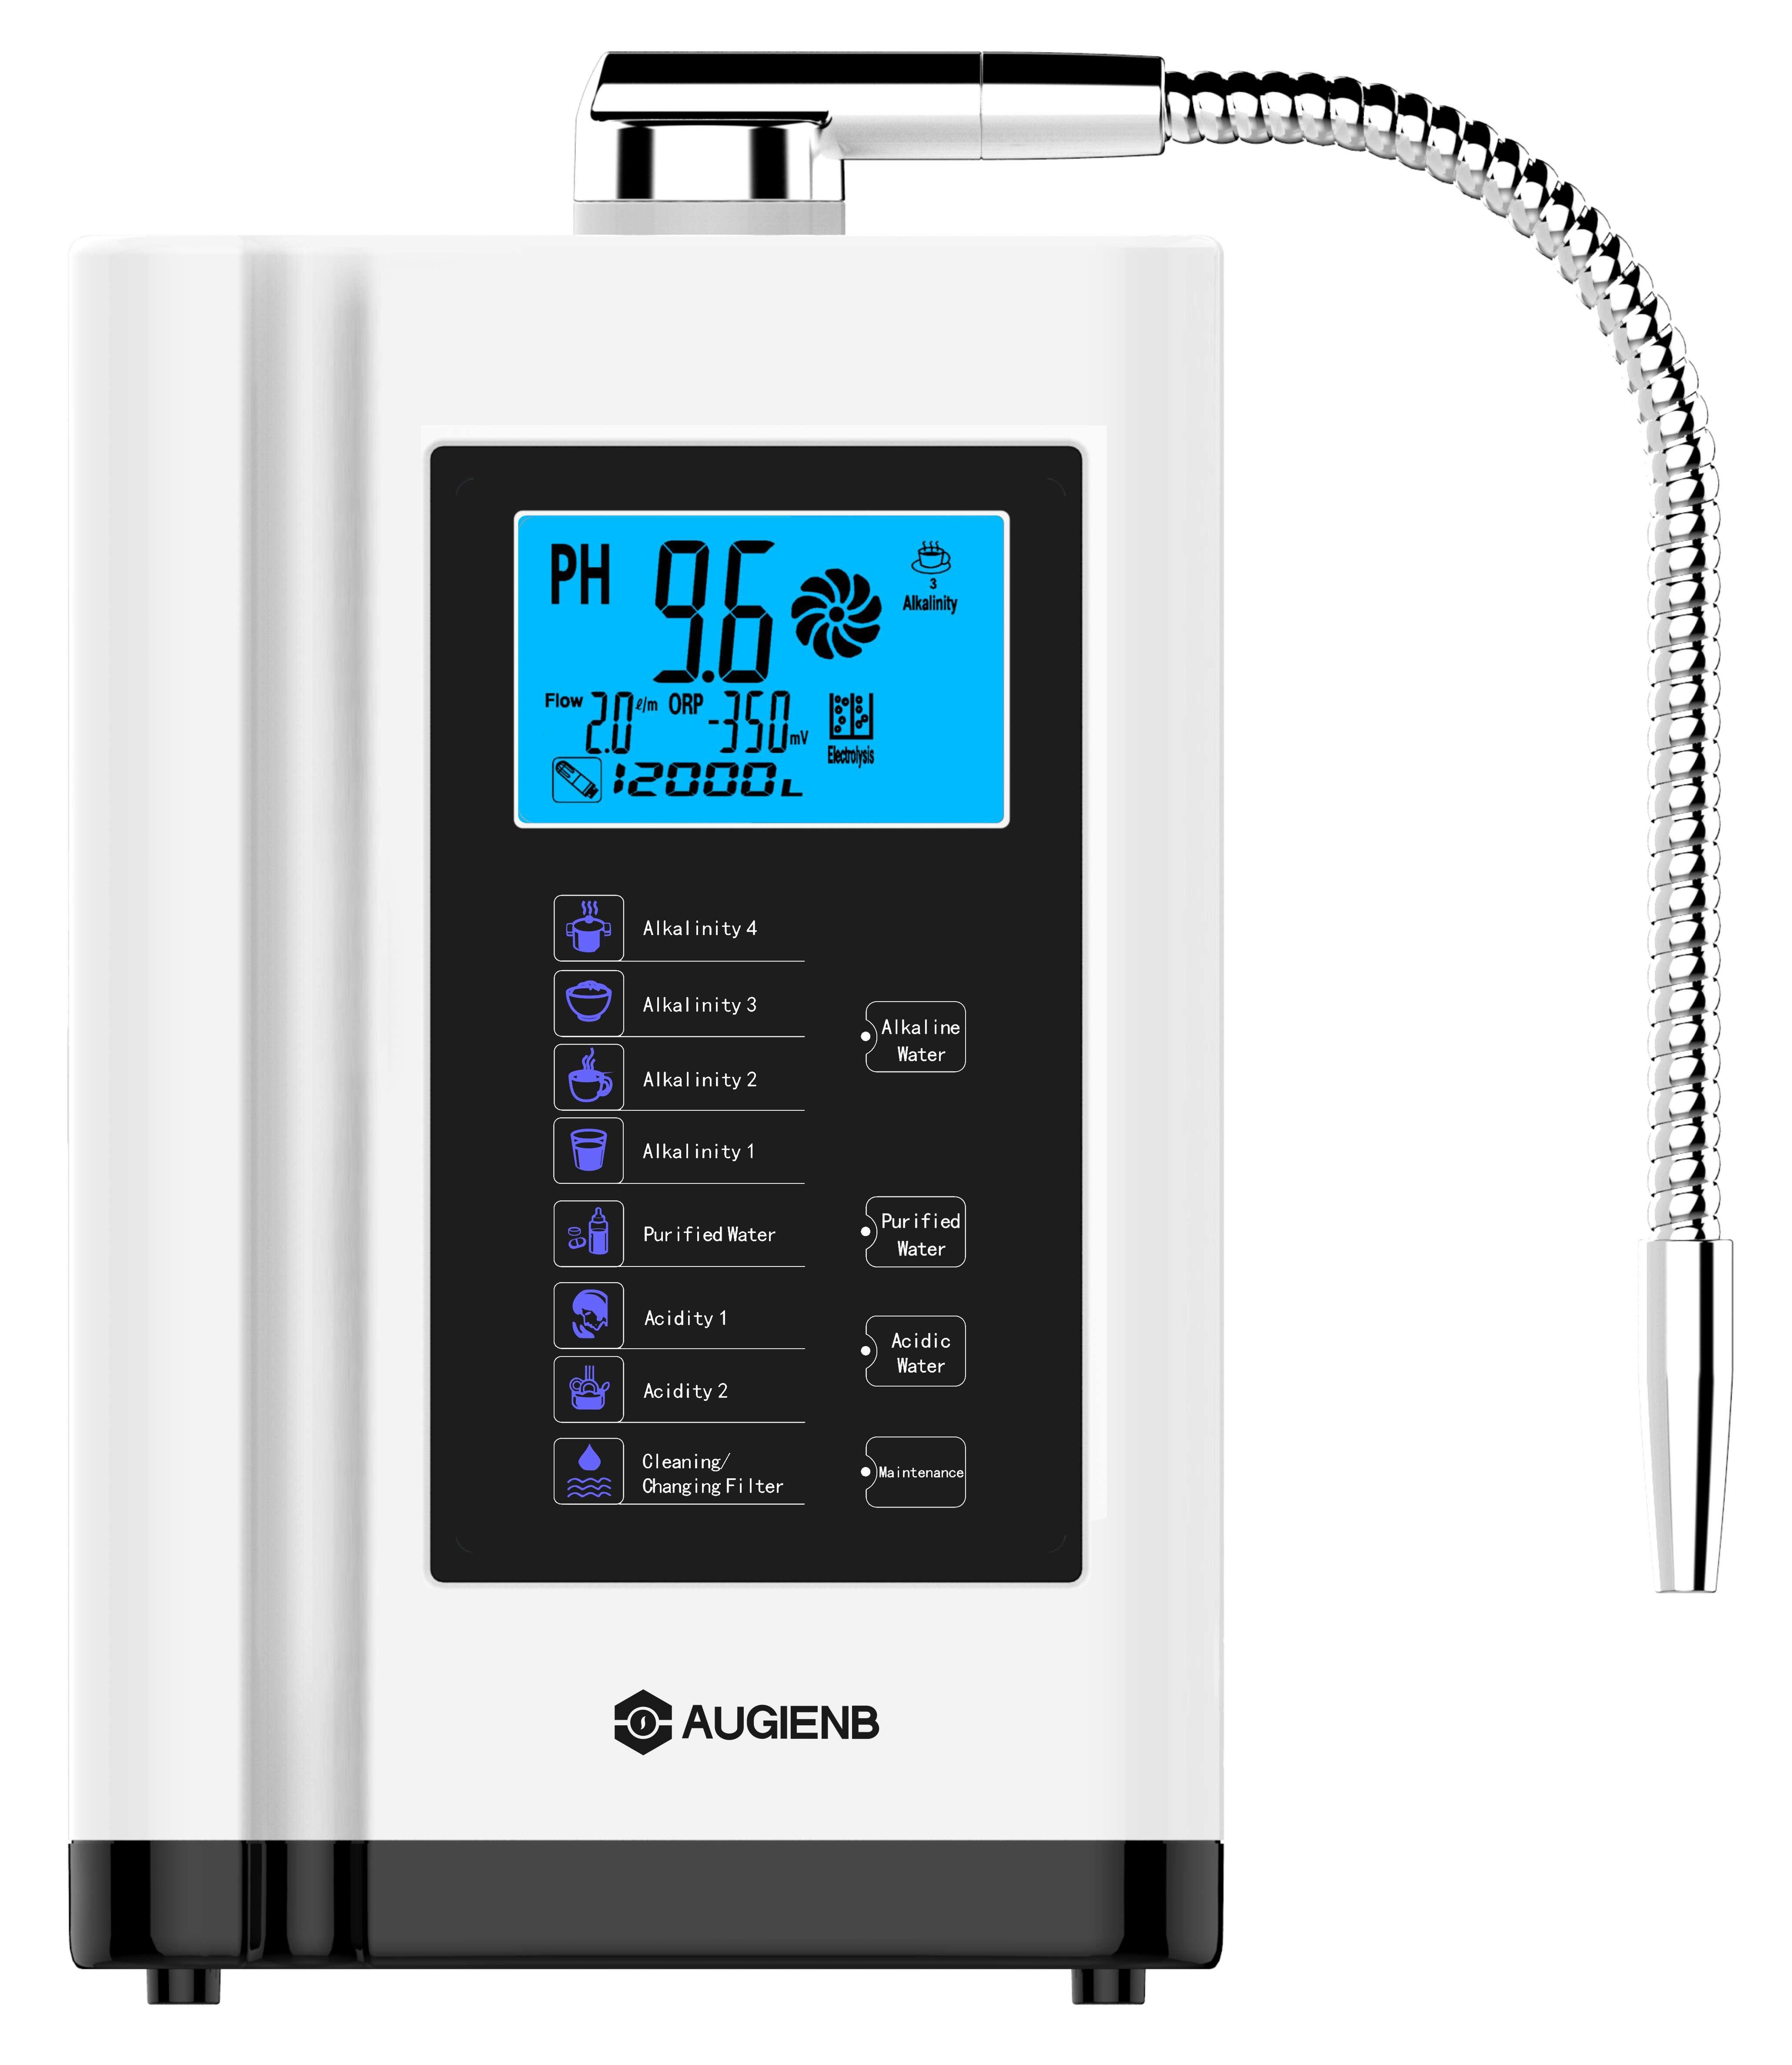 Augienb ЖК-сенсорное управление PH3.5-10.5 со щелочной кислотой машина 6000L фильтр для воды авто-очистка воды ионизатор воды очиститель